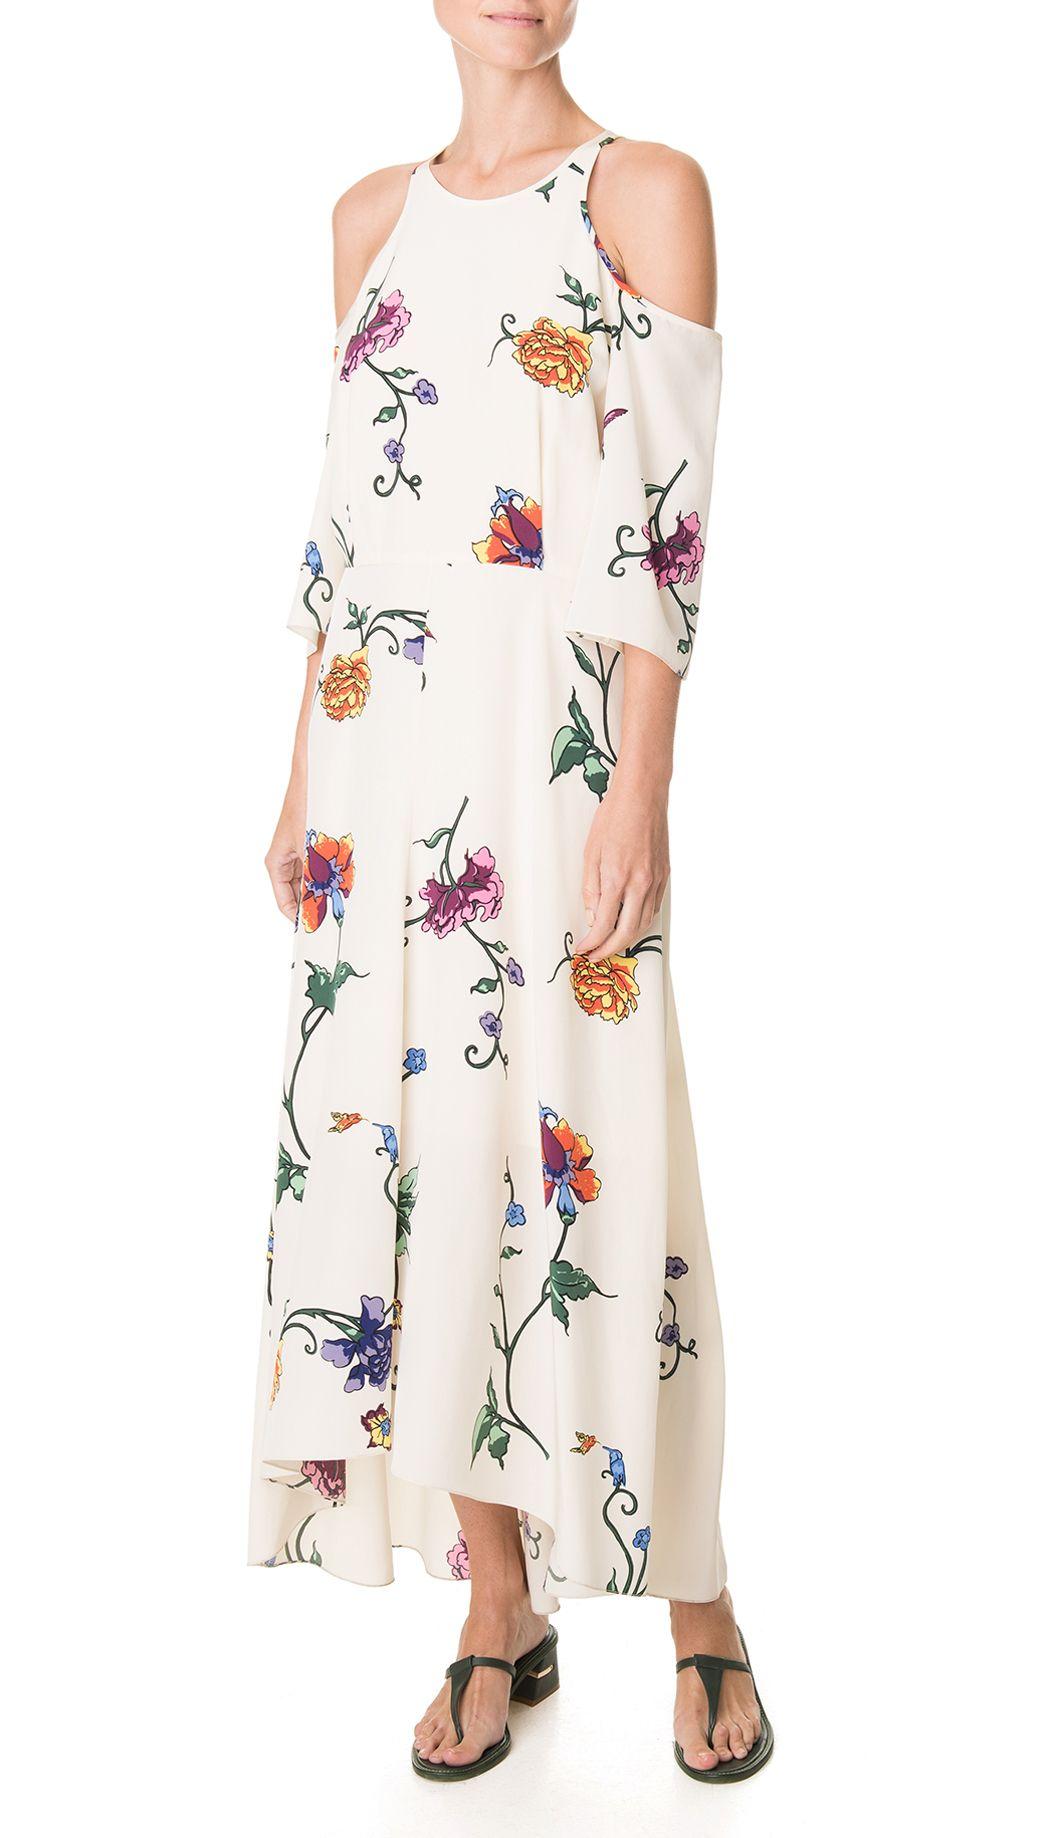 a32e07caab35f Tibi Bella Floral Cut Out Shoulder Dress in White (Opal Beige ...